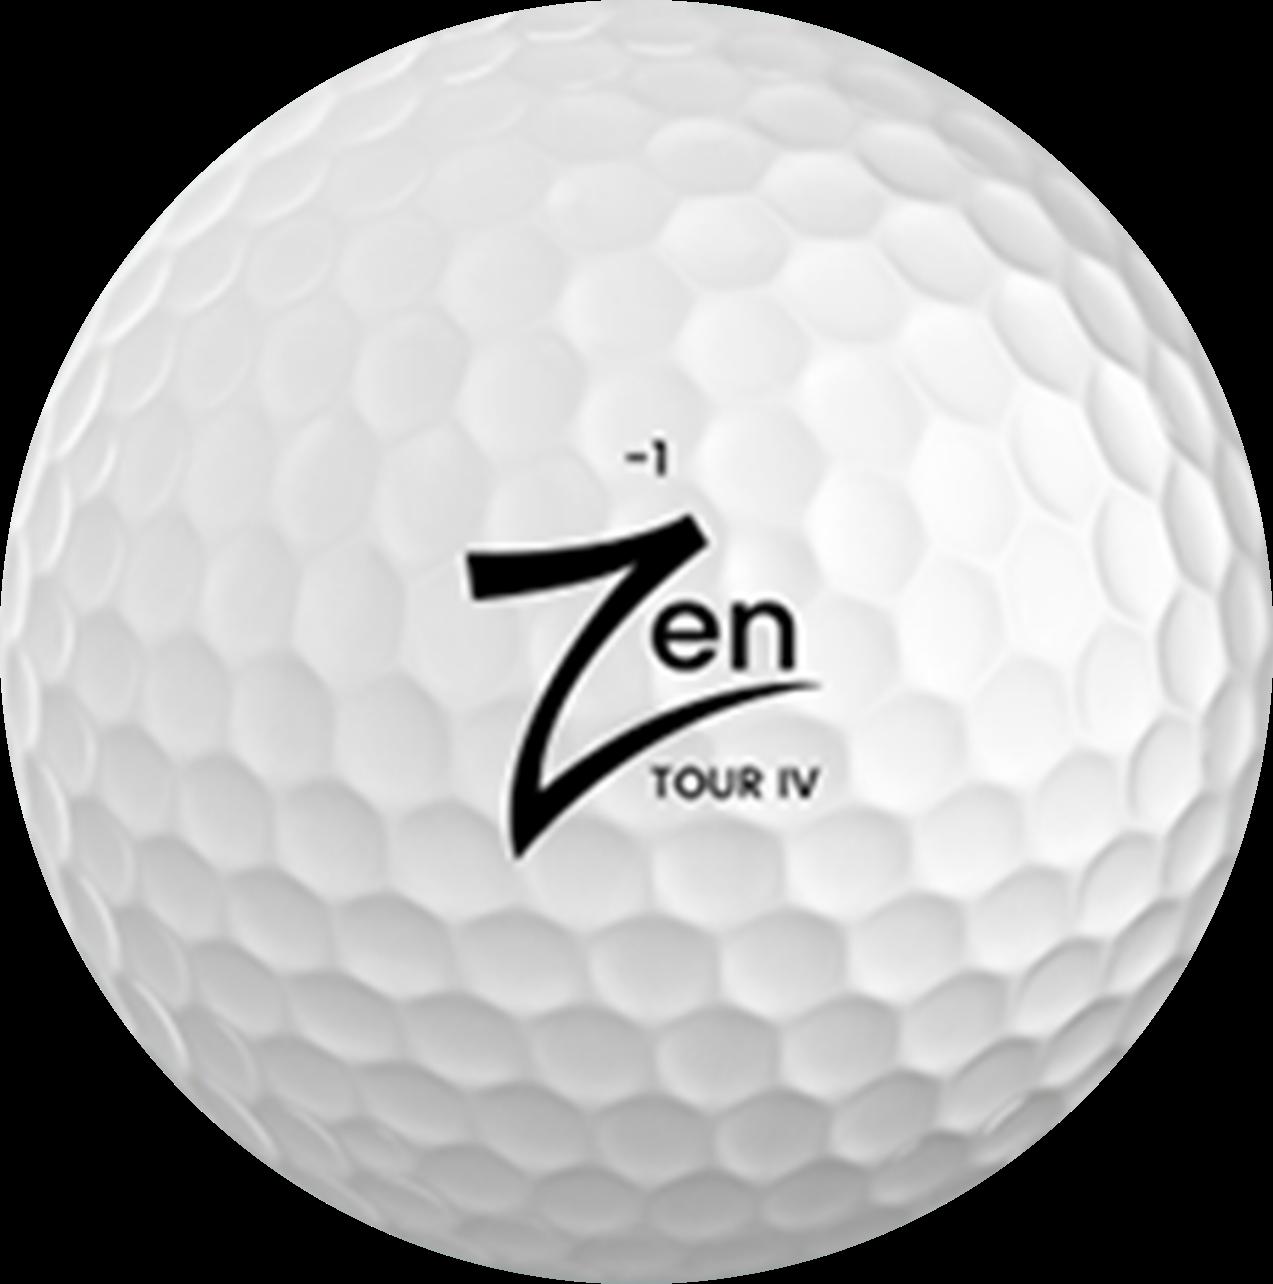 zen golf ball.png